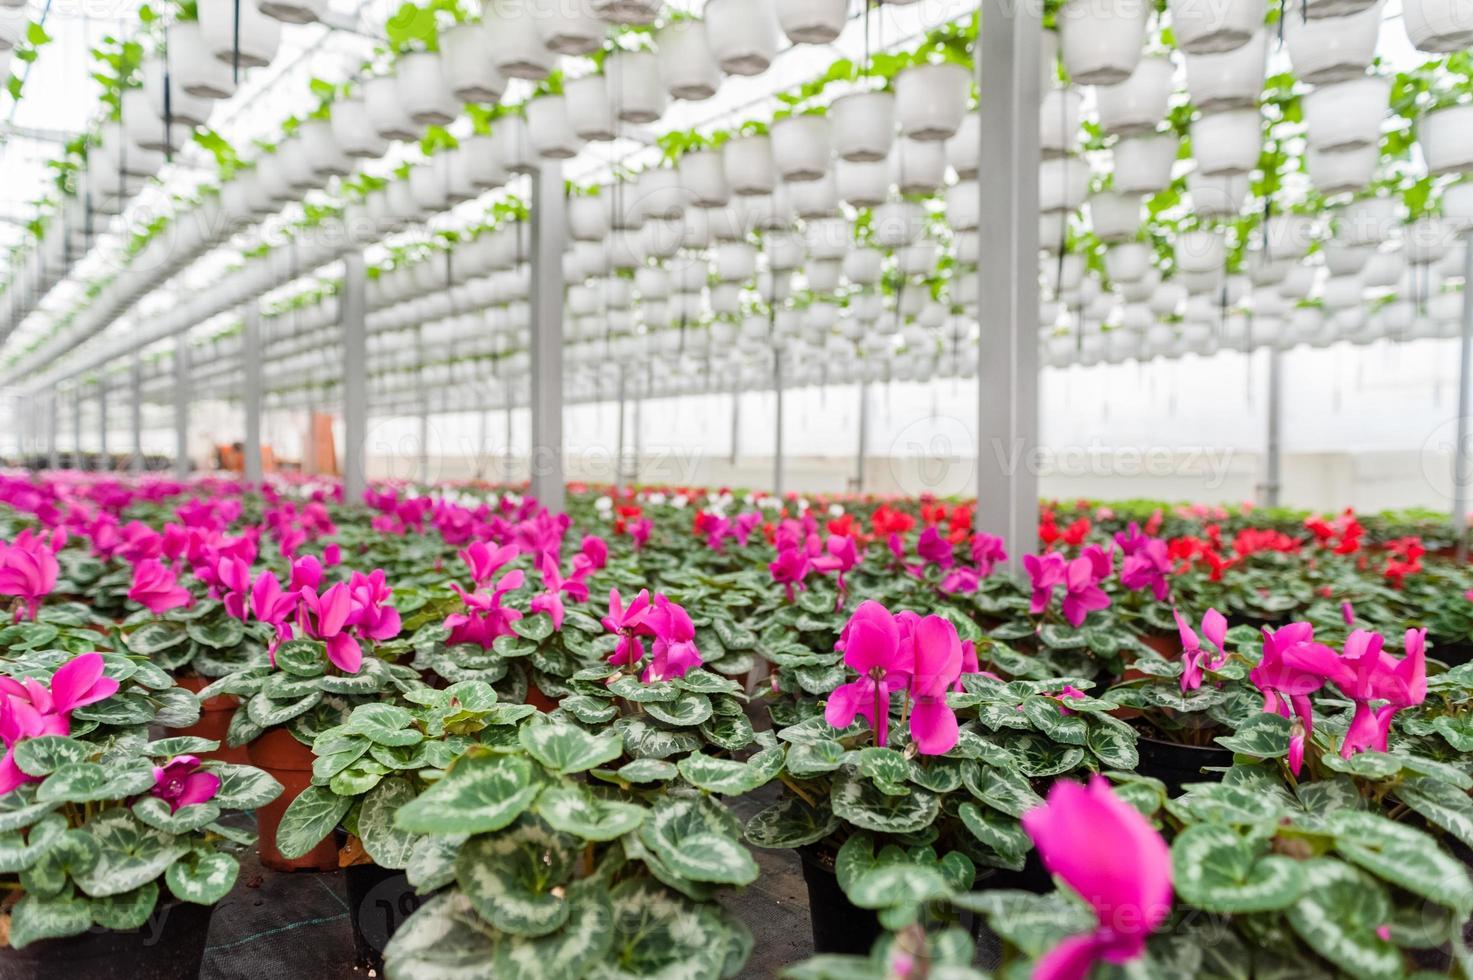 Blumenkultur in einem Gewächshaus foto